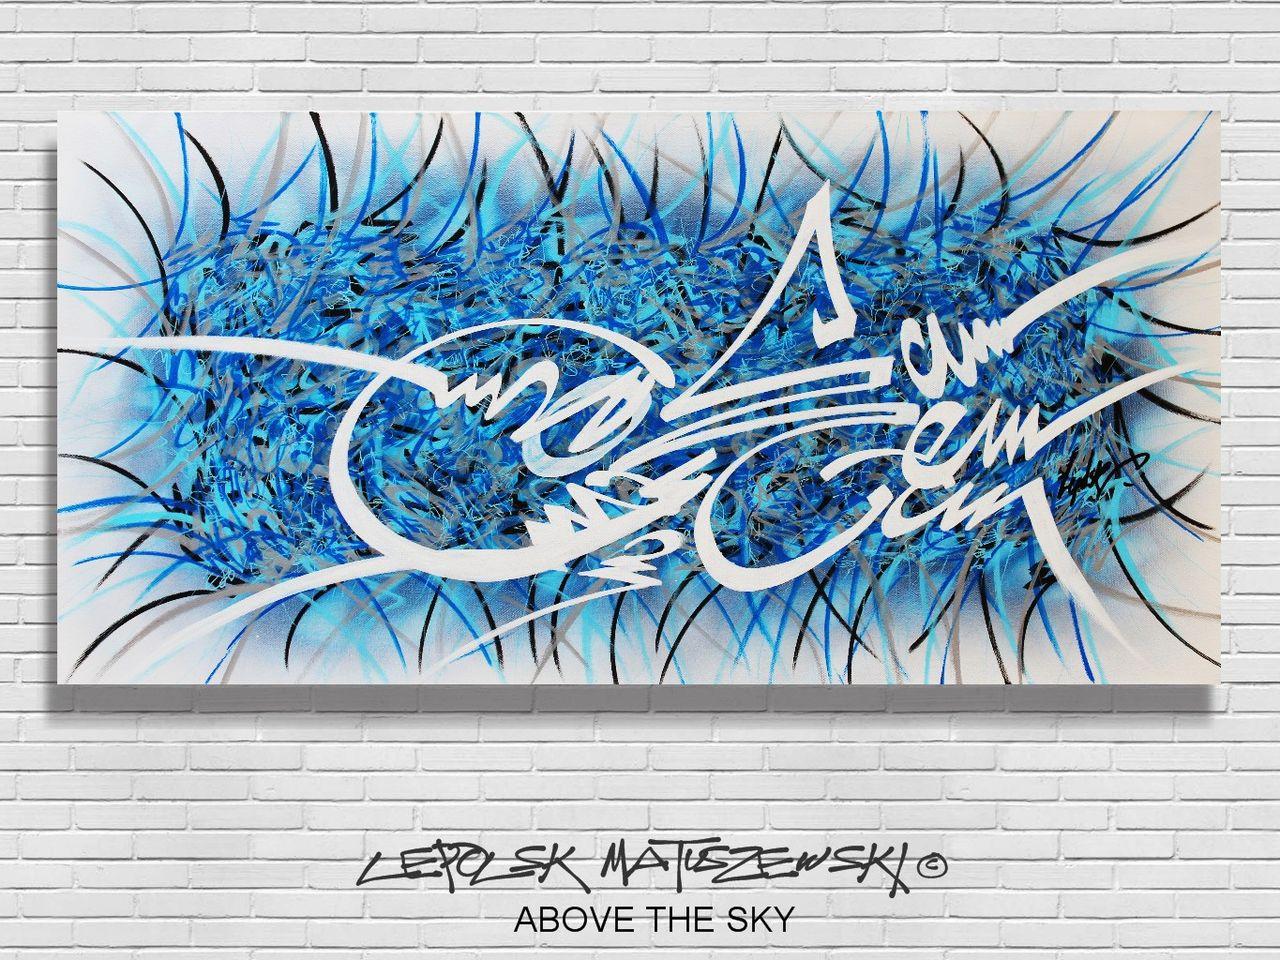 MK  Lepolsk Matuszewski ABOVE THE SKY  Calligraffiti abstraite